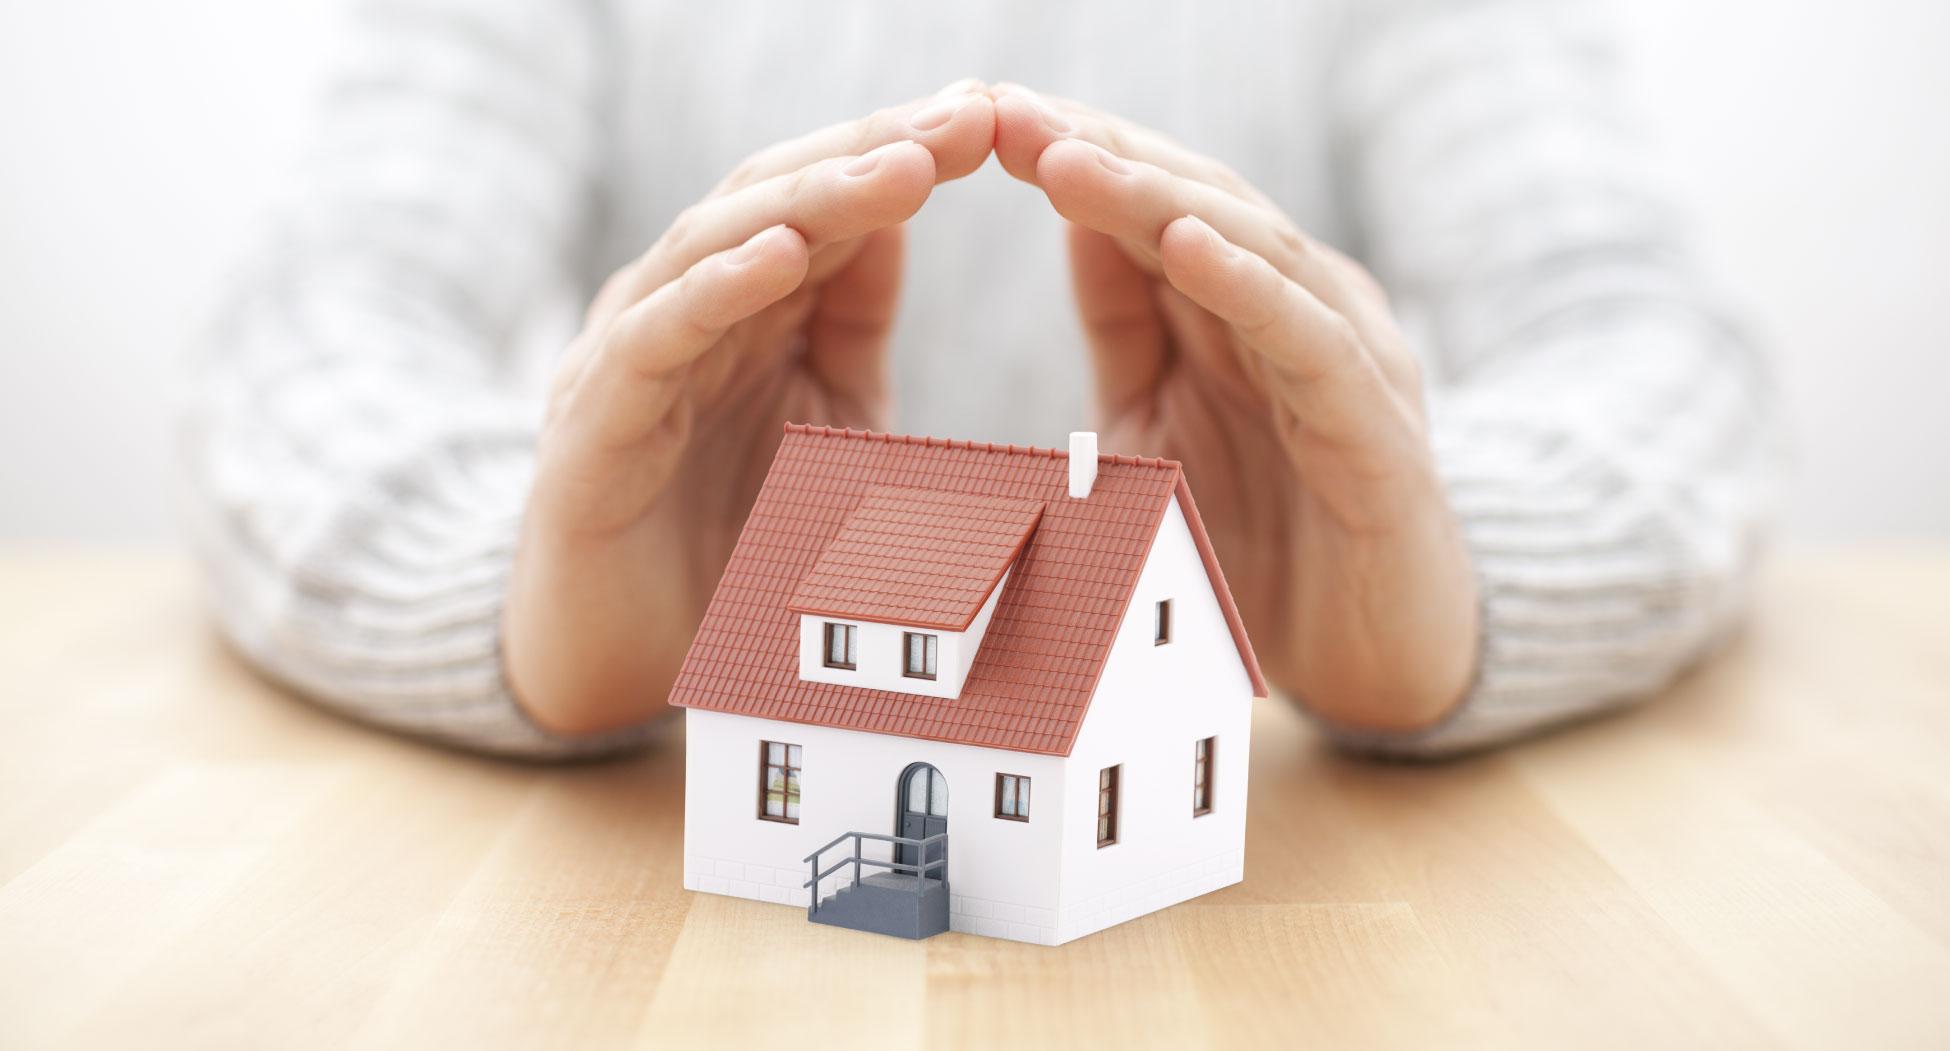 petite maison mains coup de pouce isolation